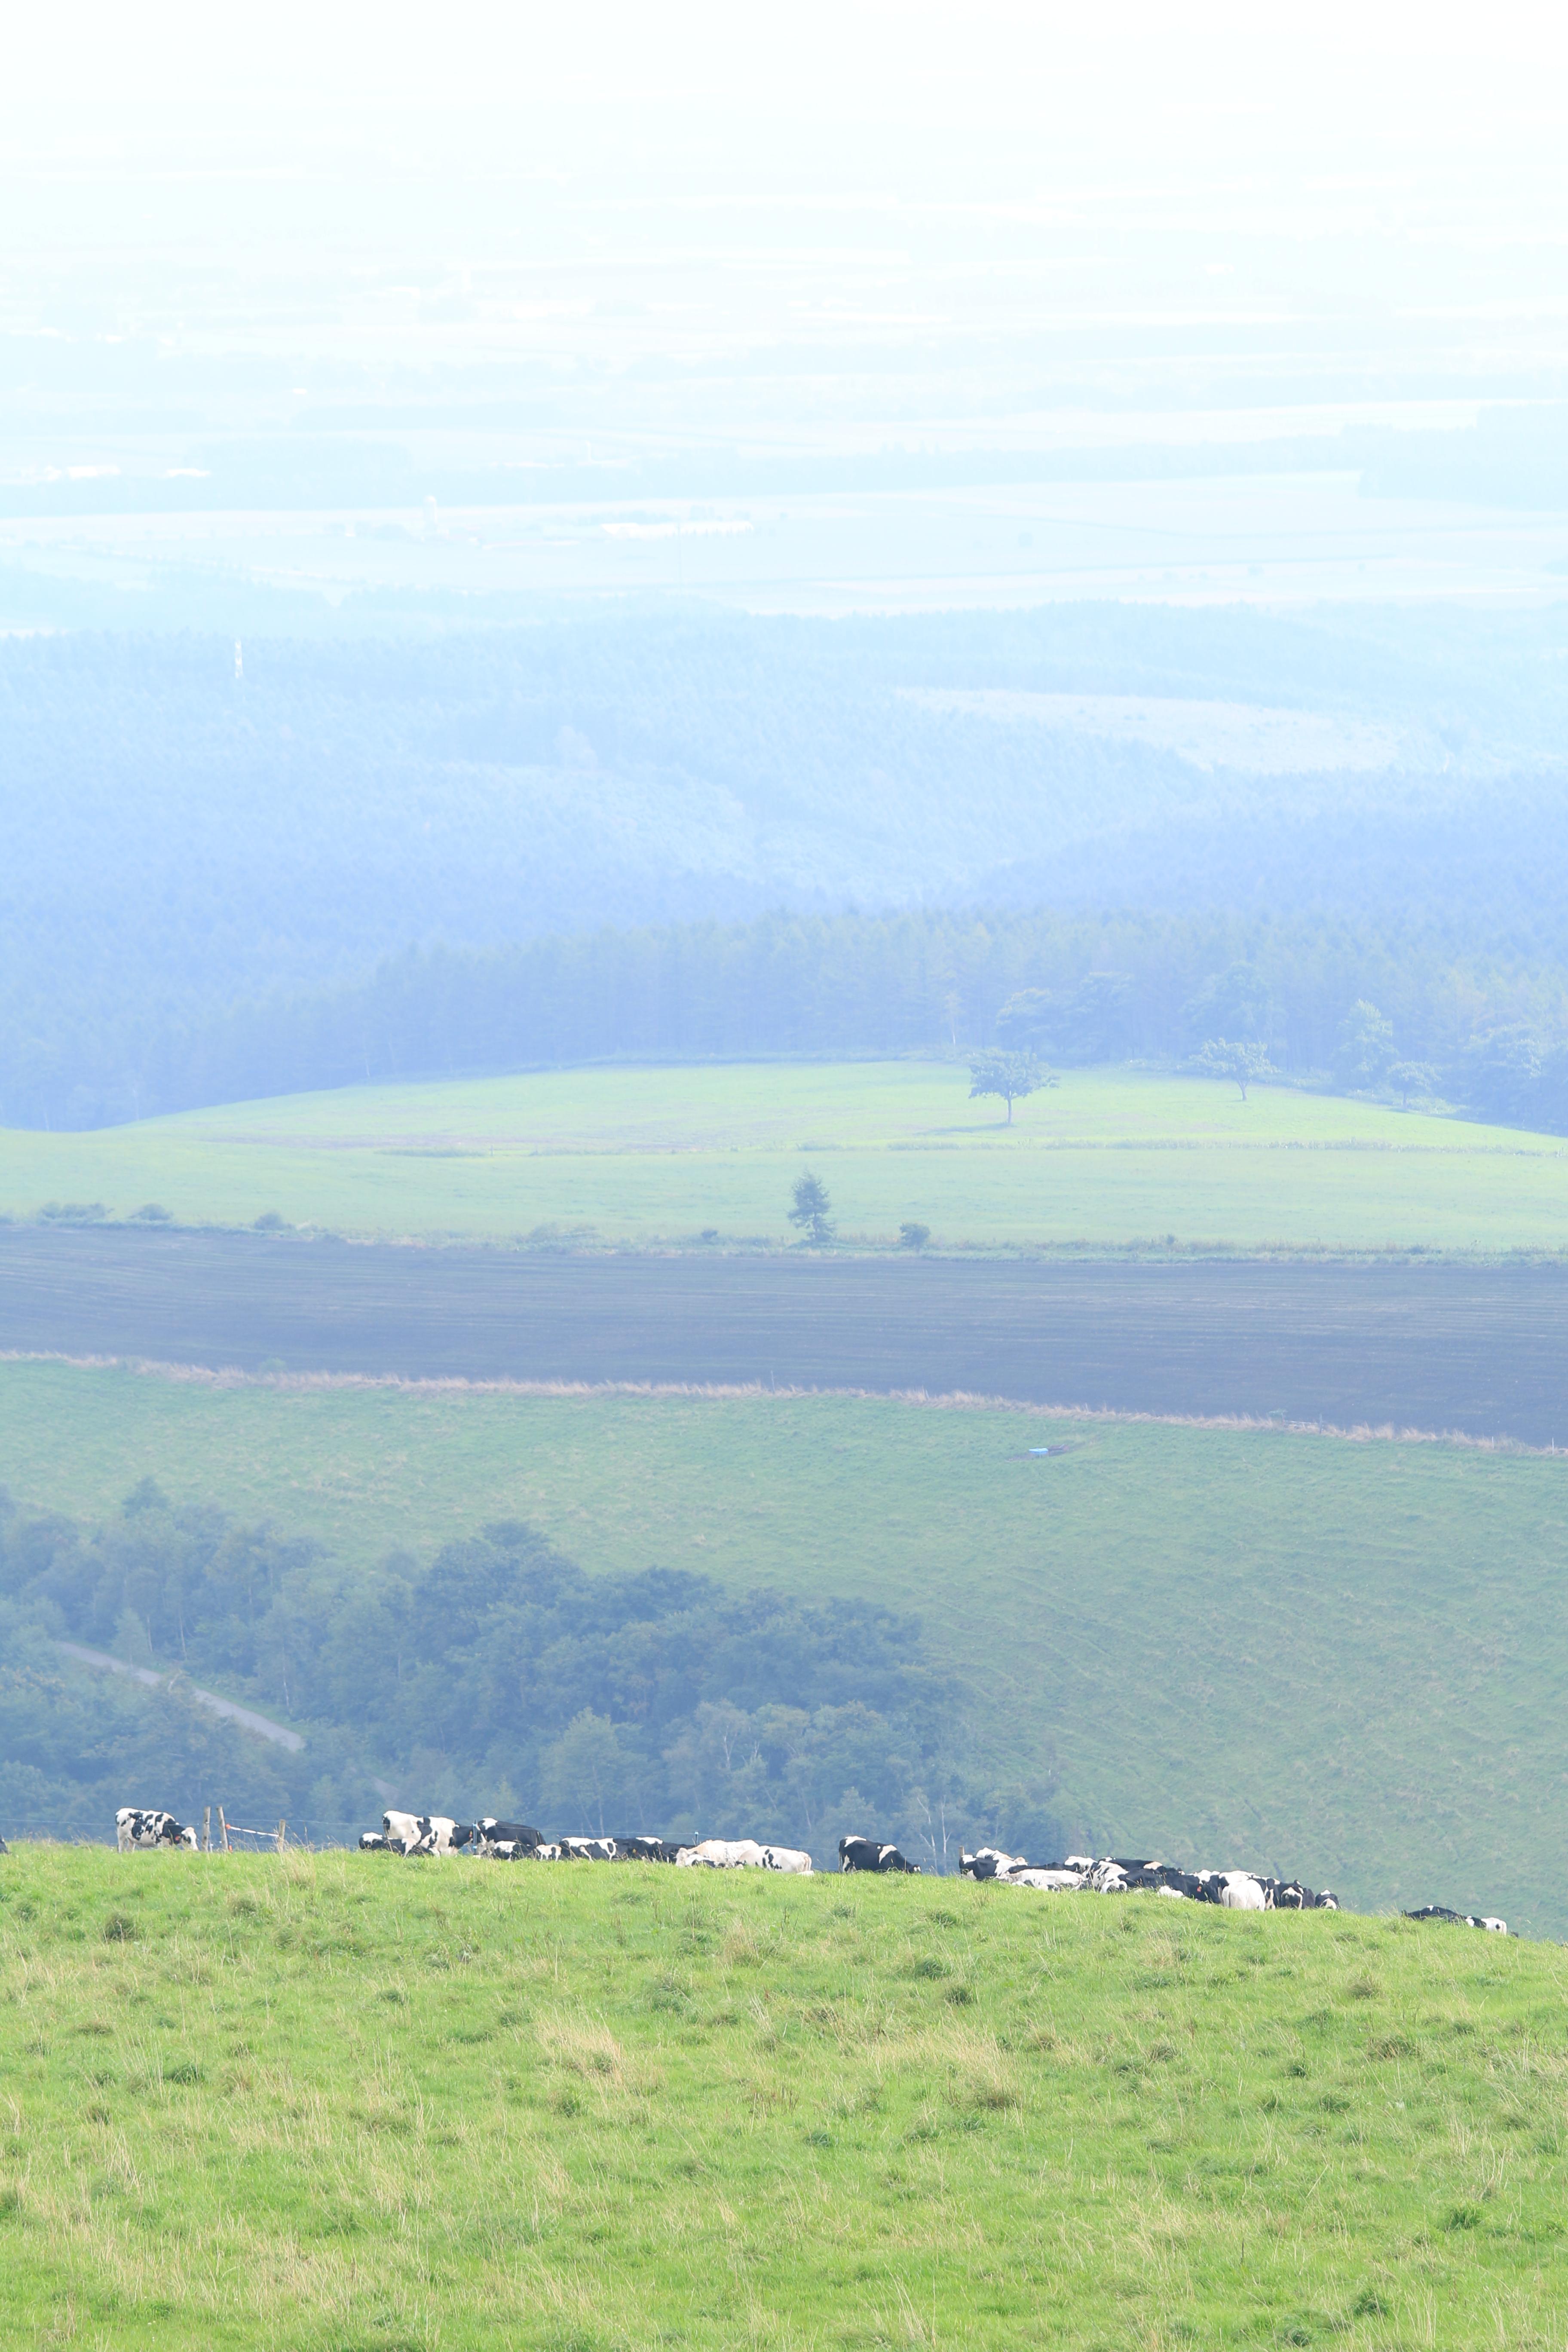 遠く離れた斜面にて牧草を食む牛たち。日によって食事場所が変わるので、このときは遠くに望むのみ。遠景の地もこの牧場内。その広さに改めて驚く。EF 70-200mm F4 L IS USM / 1/160秒 / F5.6 / +1.3EV / ISO100 / 絞り優先AE / WB:太陽光 / 127mm